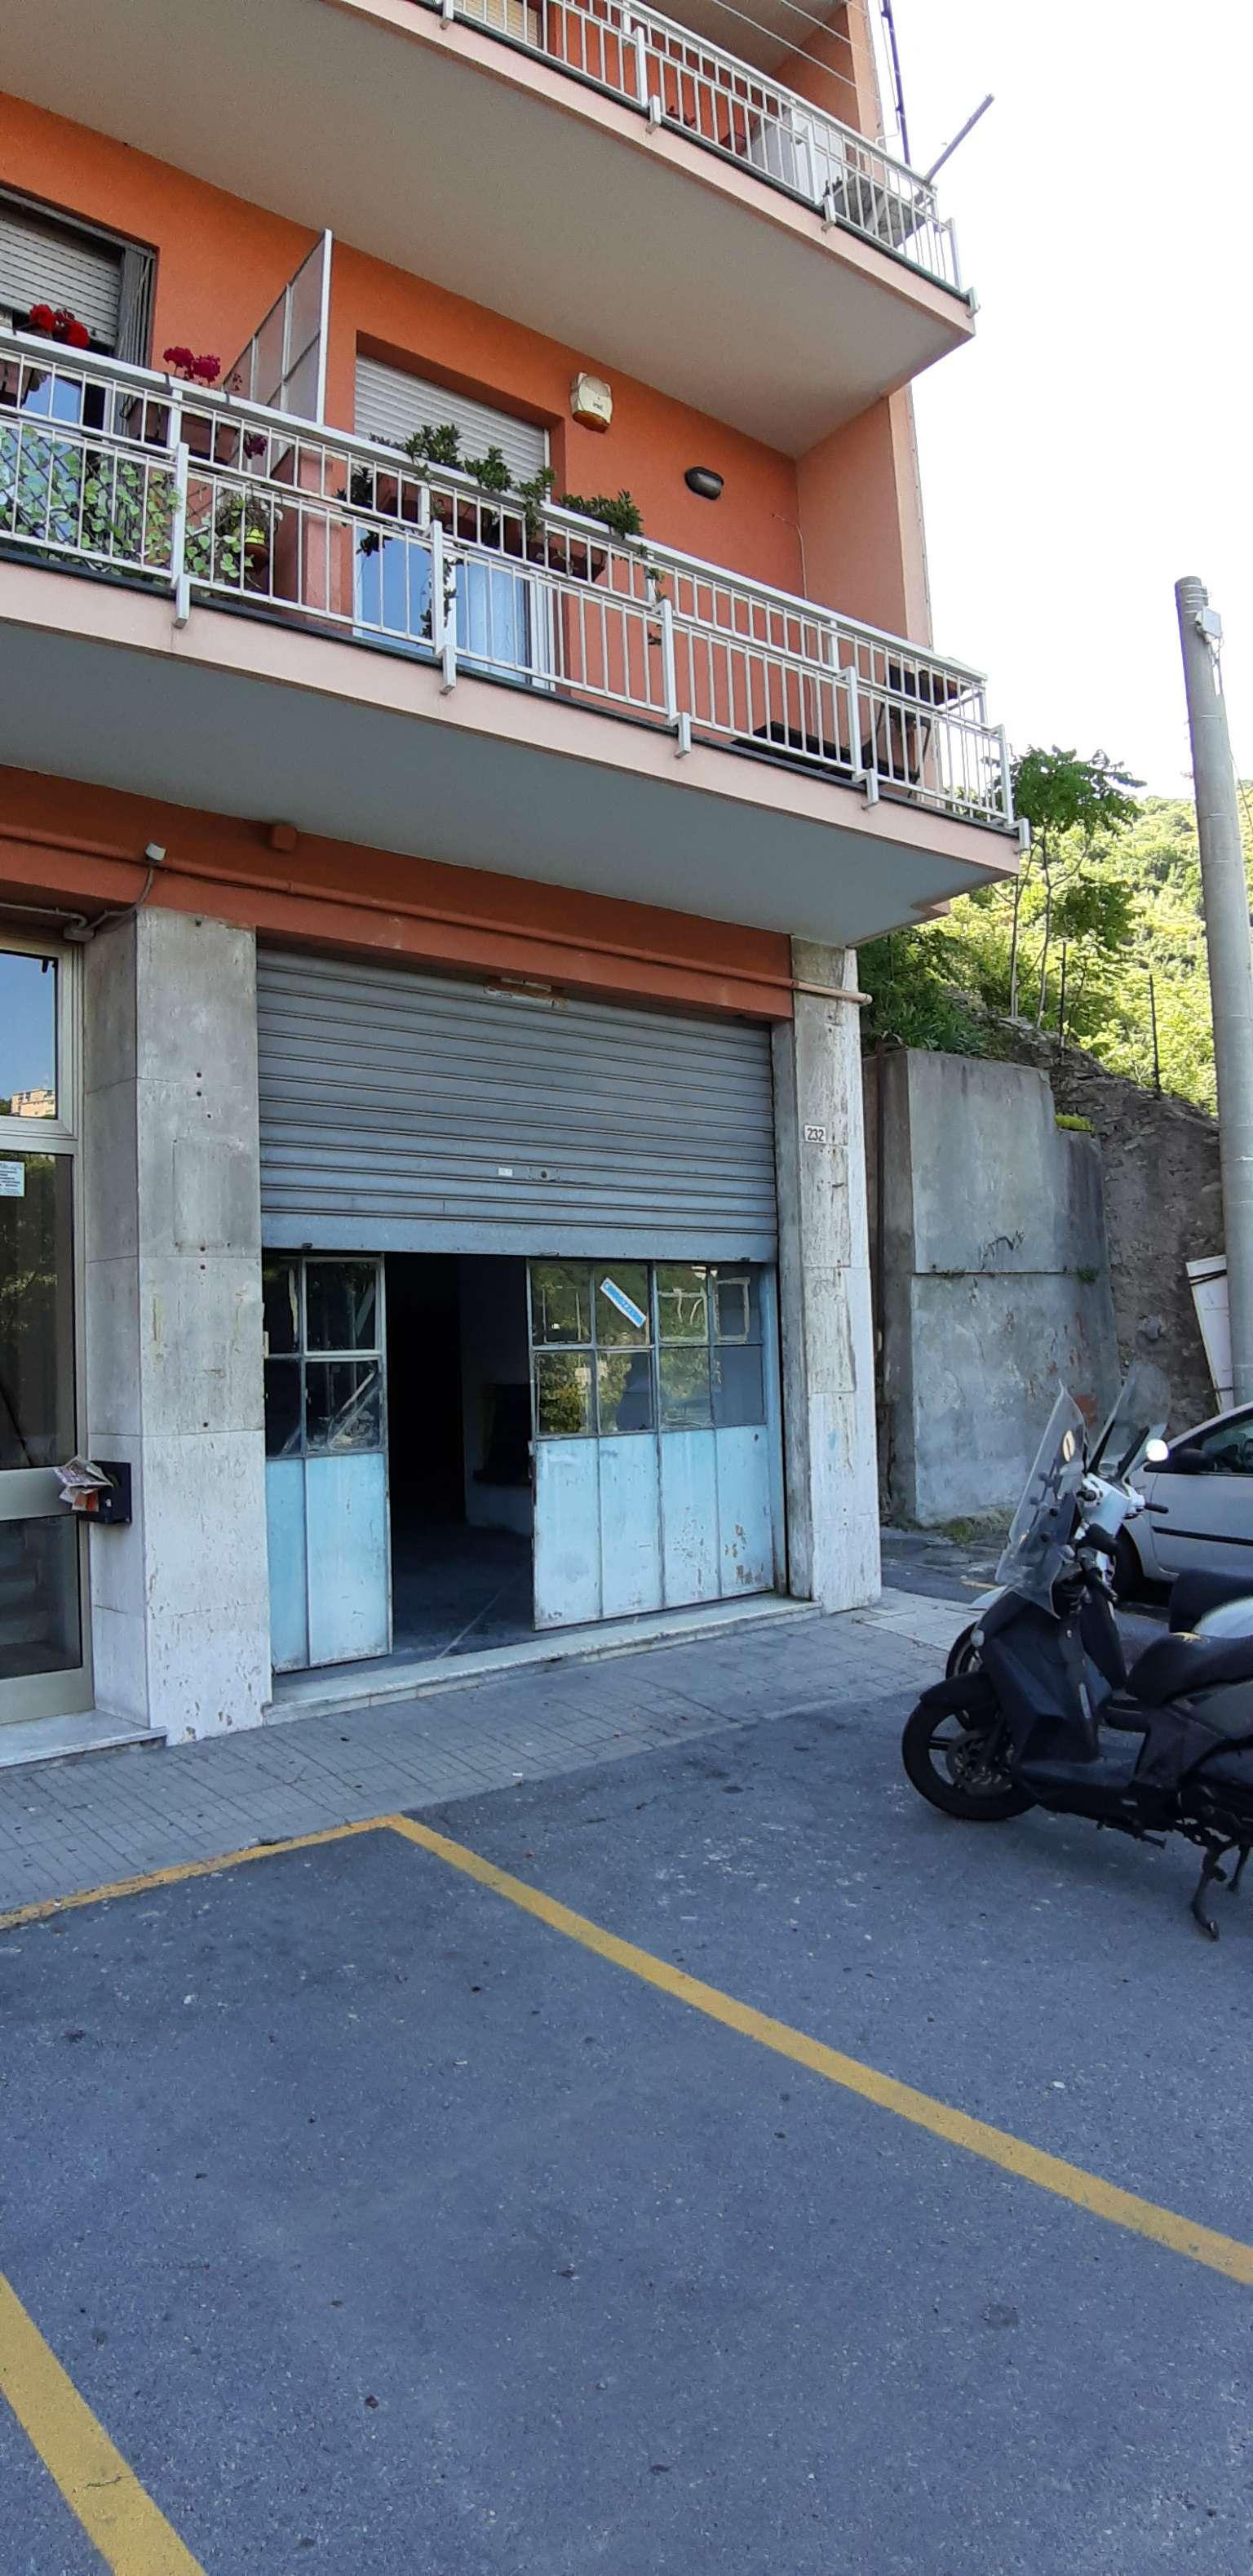 Foto 1 di Box / Garage via bari 232 rosso, Genova (zona San Teodoro)